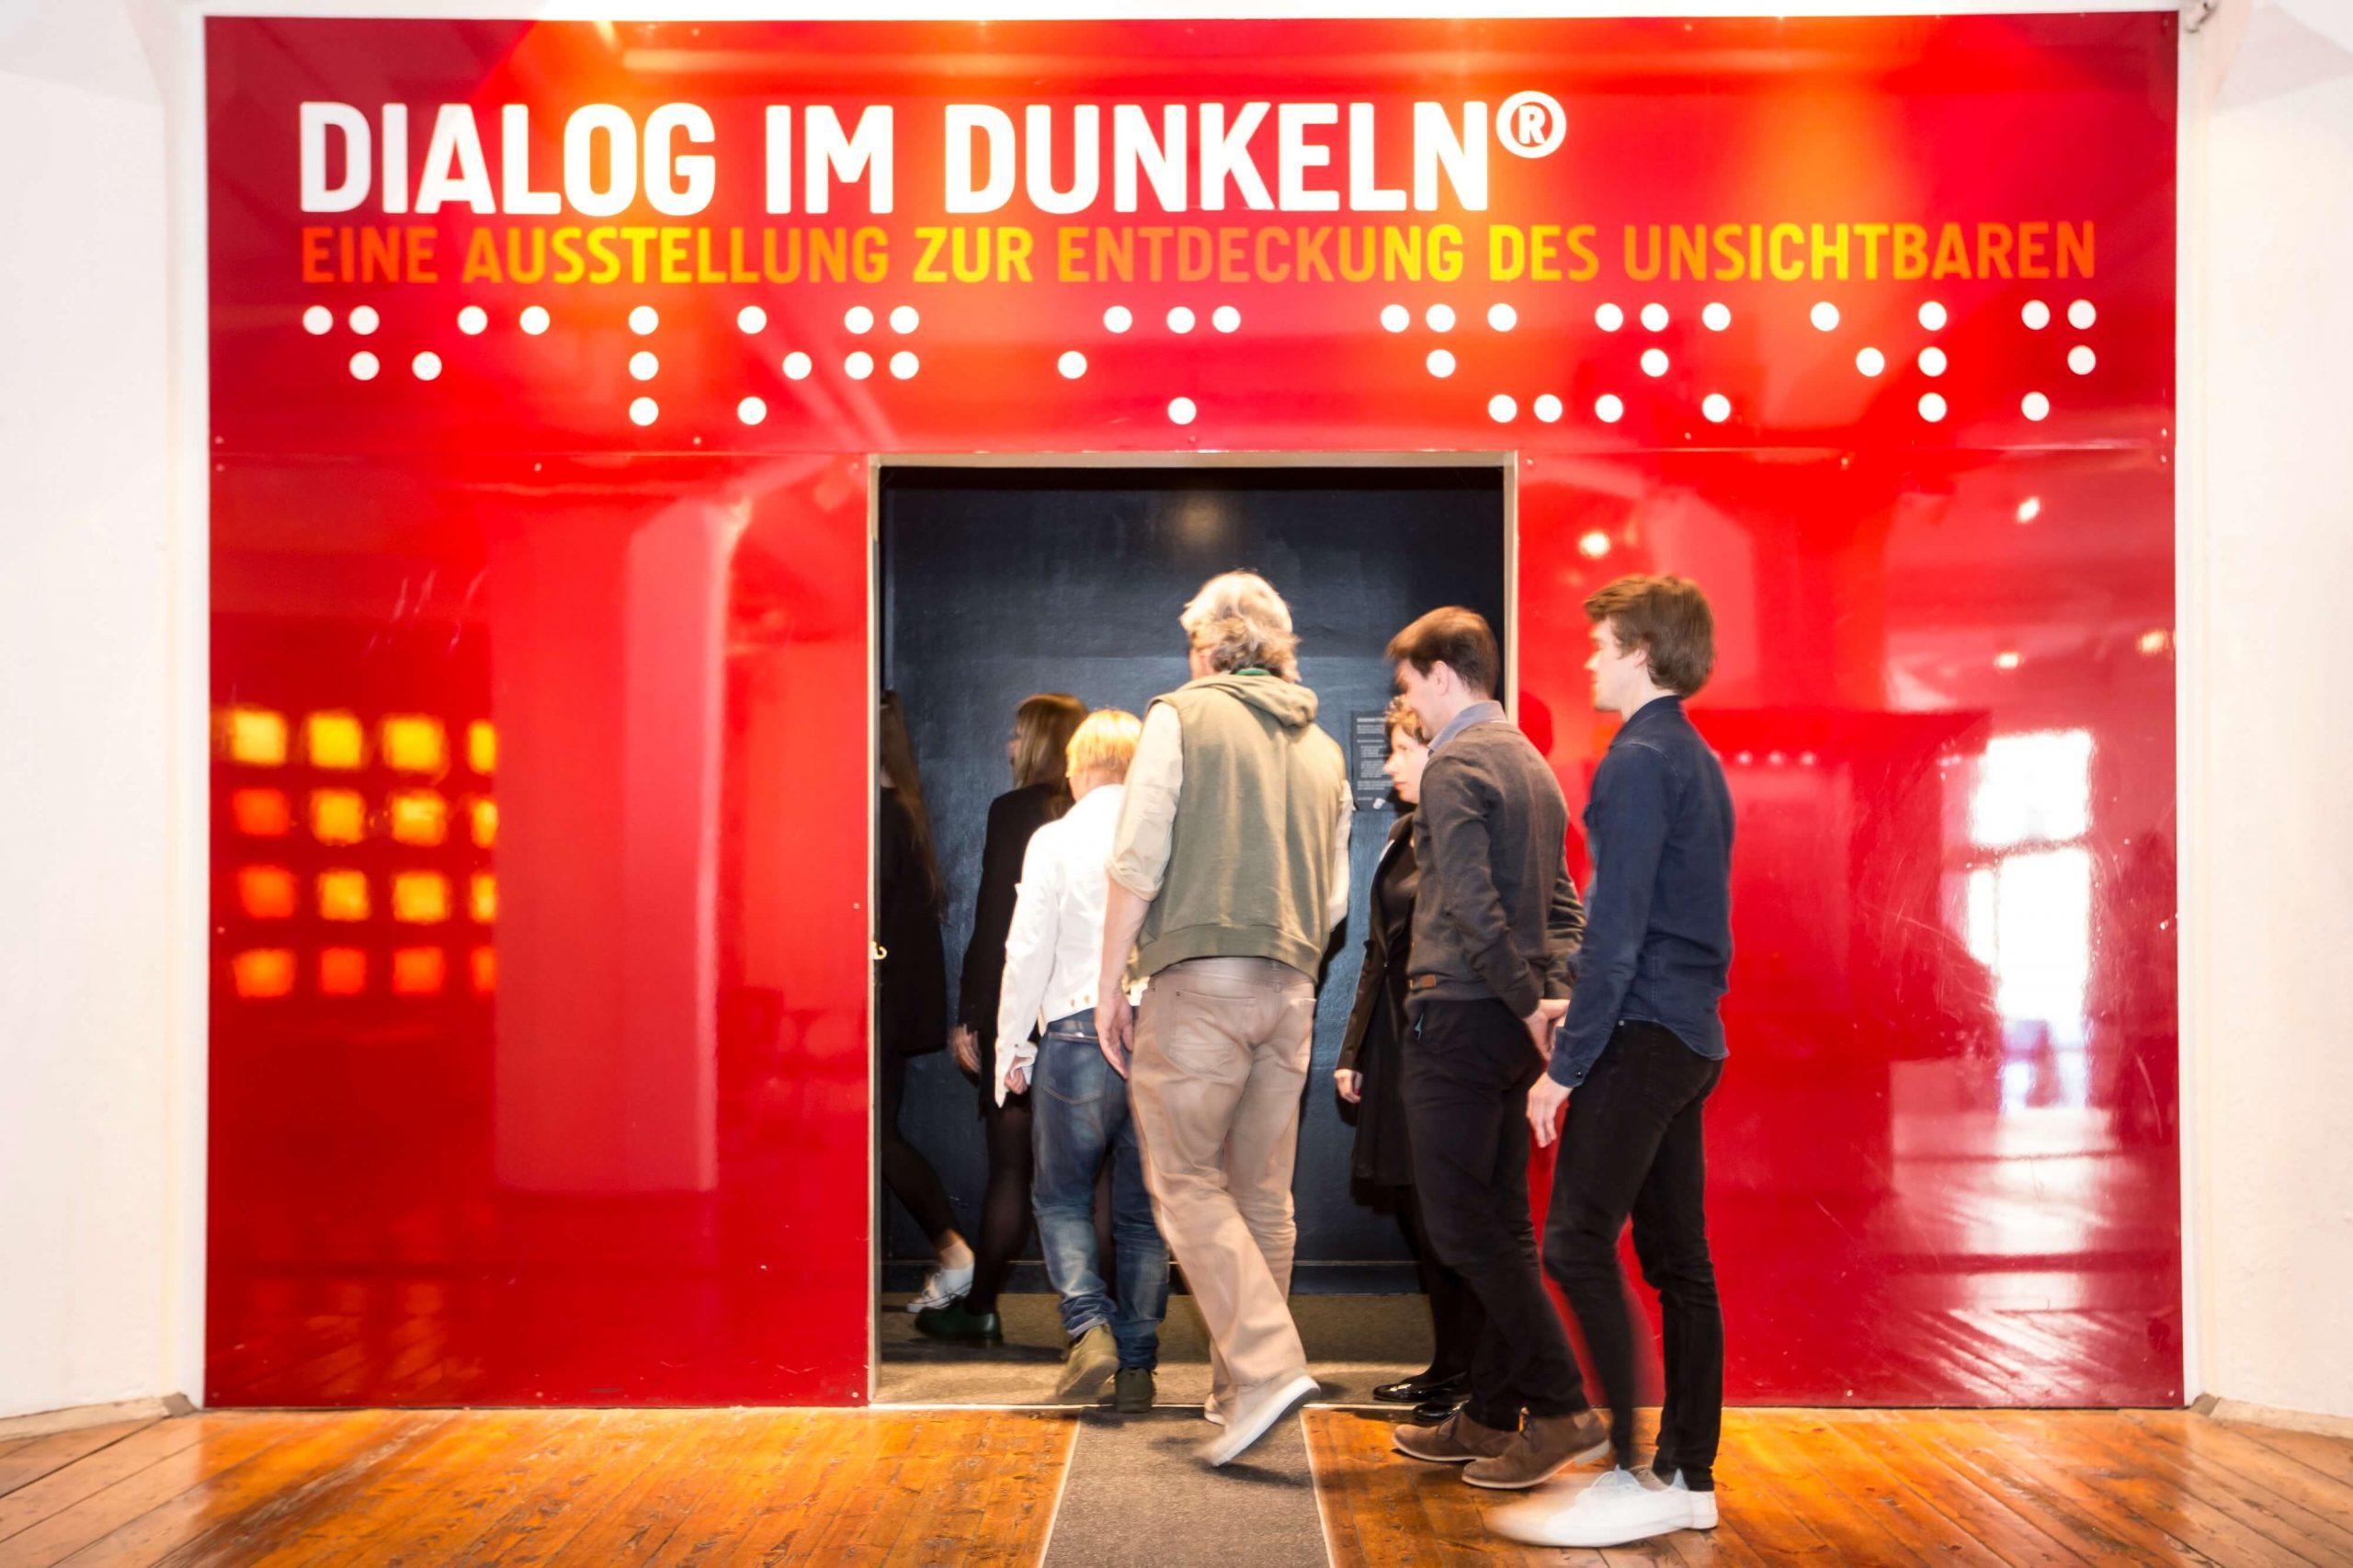 Hier ist der Eingang zur Ausstellung Dialog im Dunkeln zu sehen.